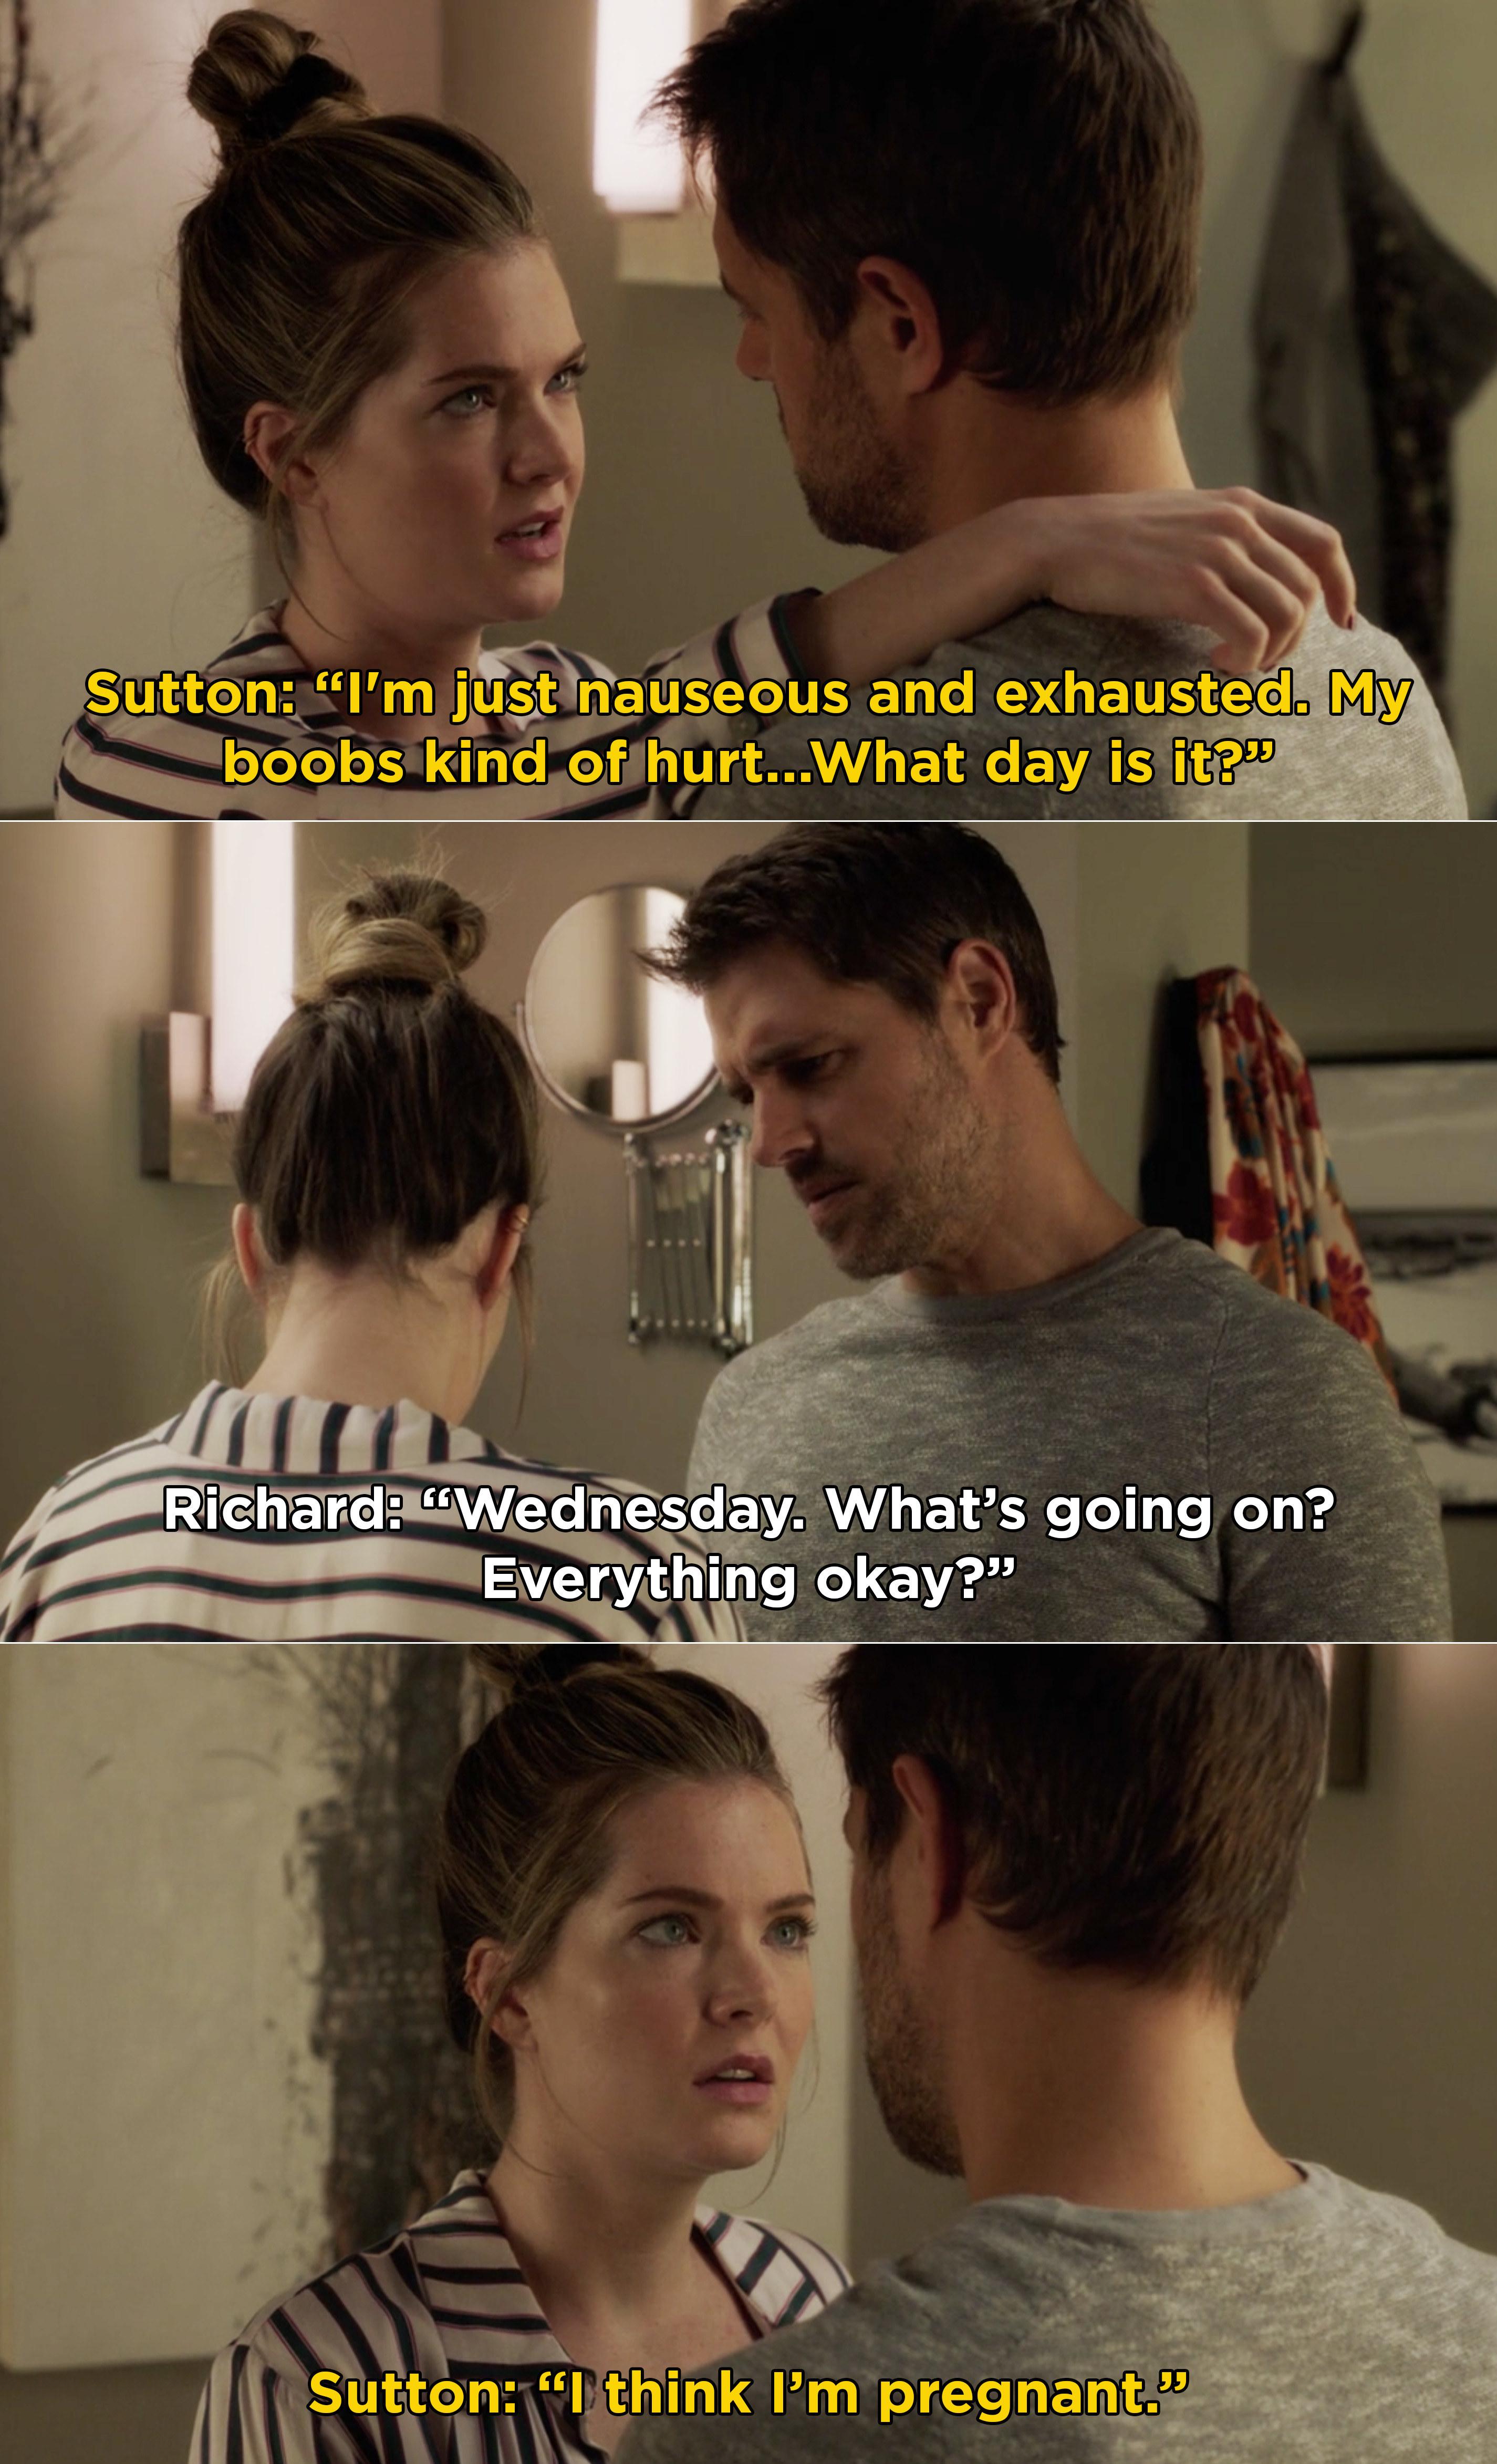 """Sutton tells Richard, """"I think I'm pregnant."""""""